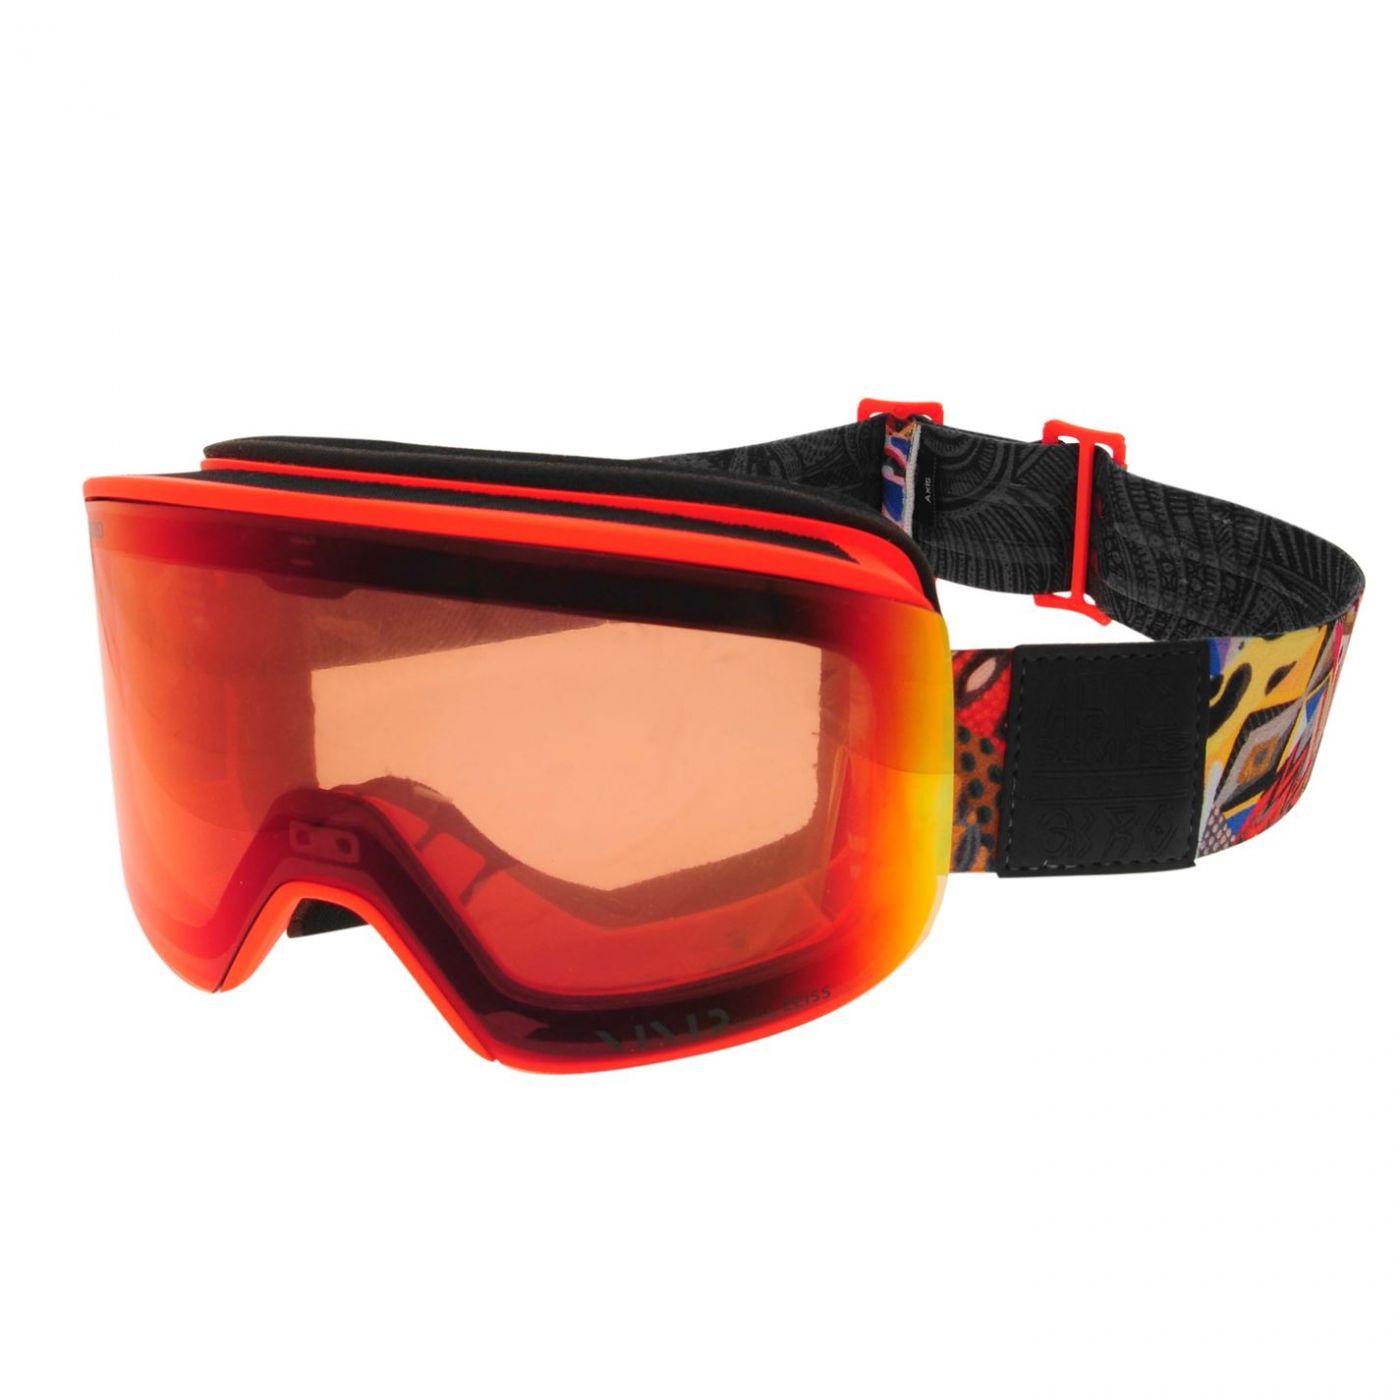 Giro Axis Goggles Adults